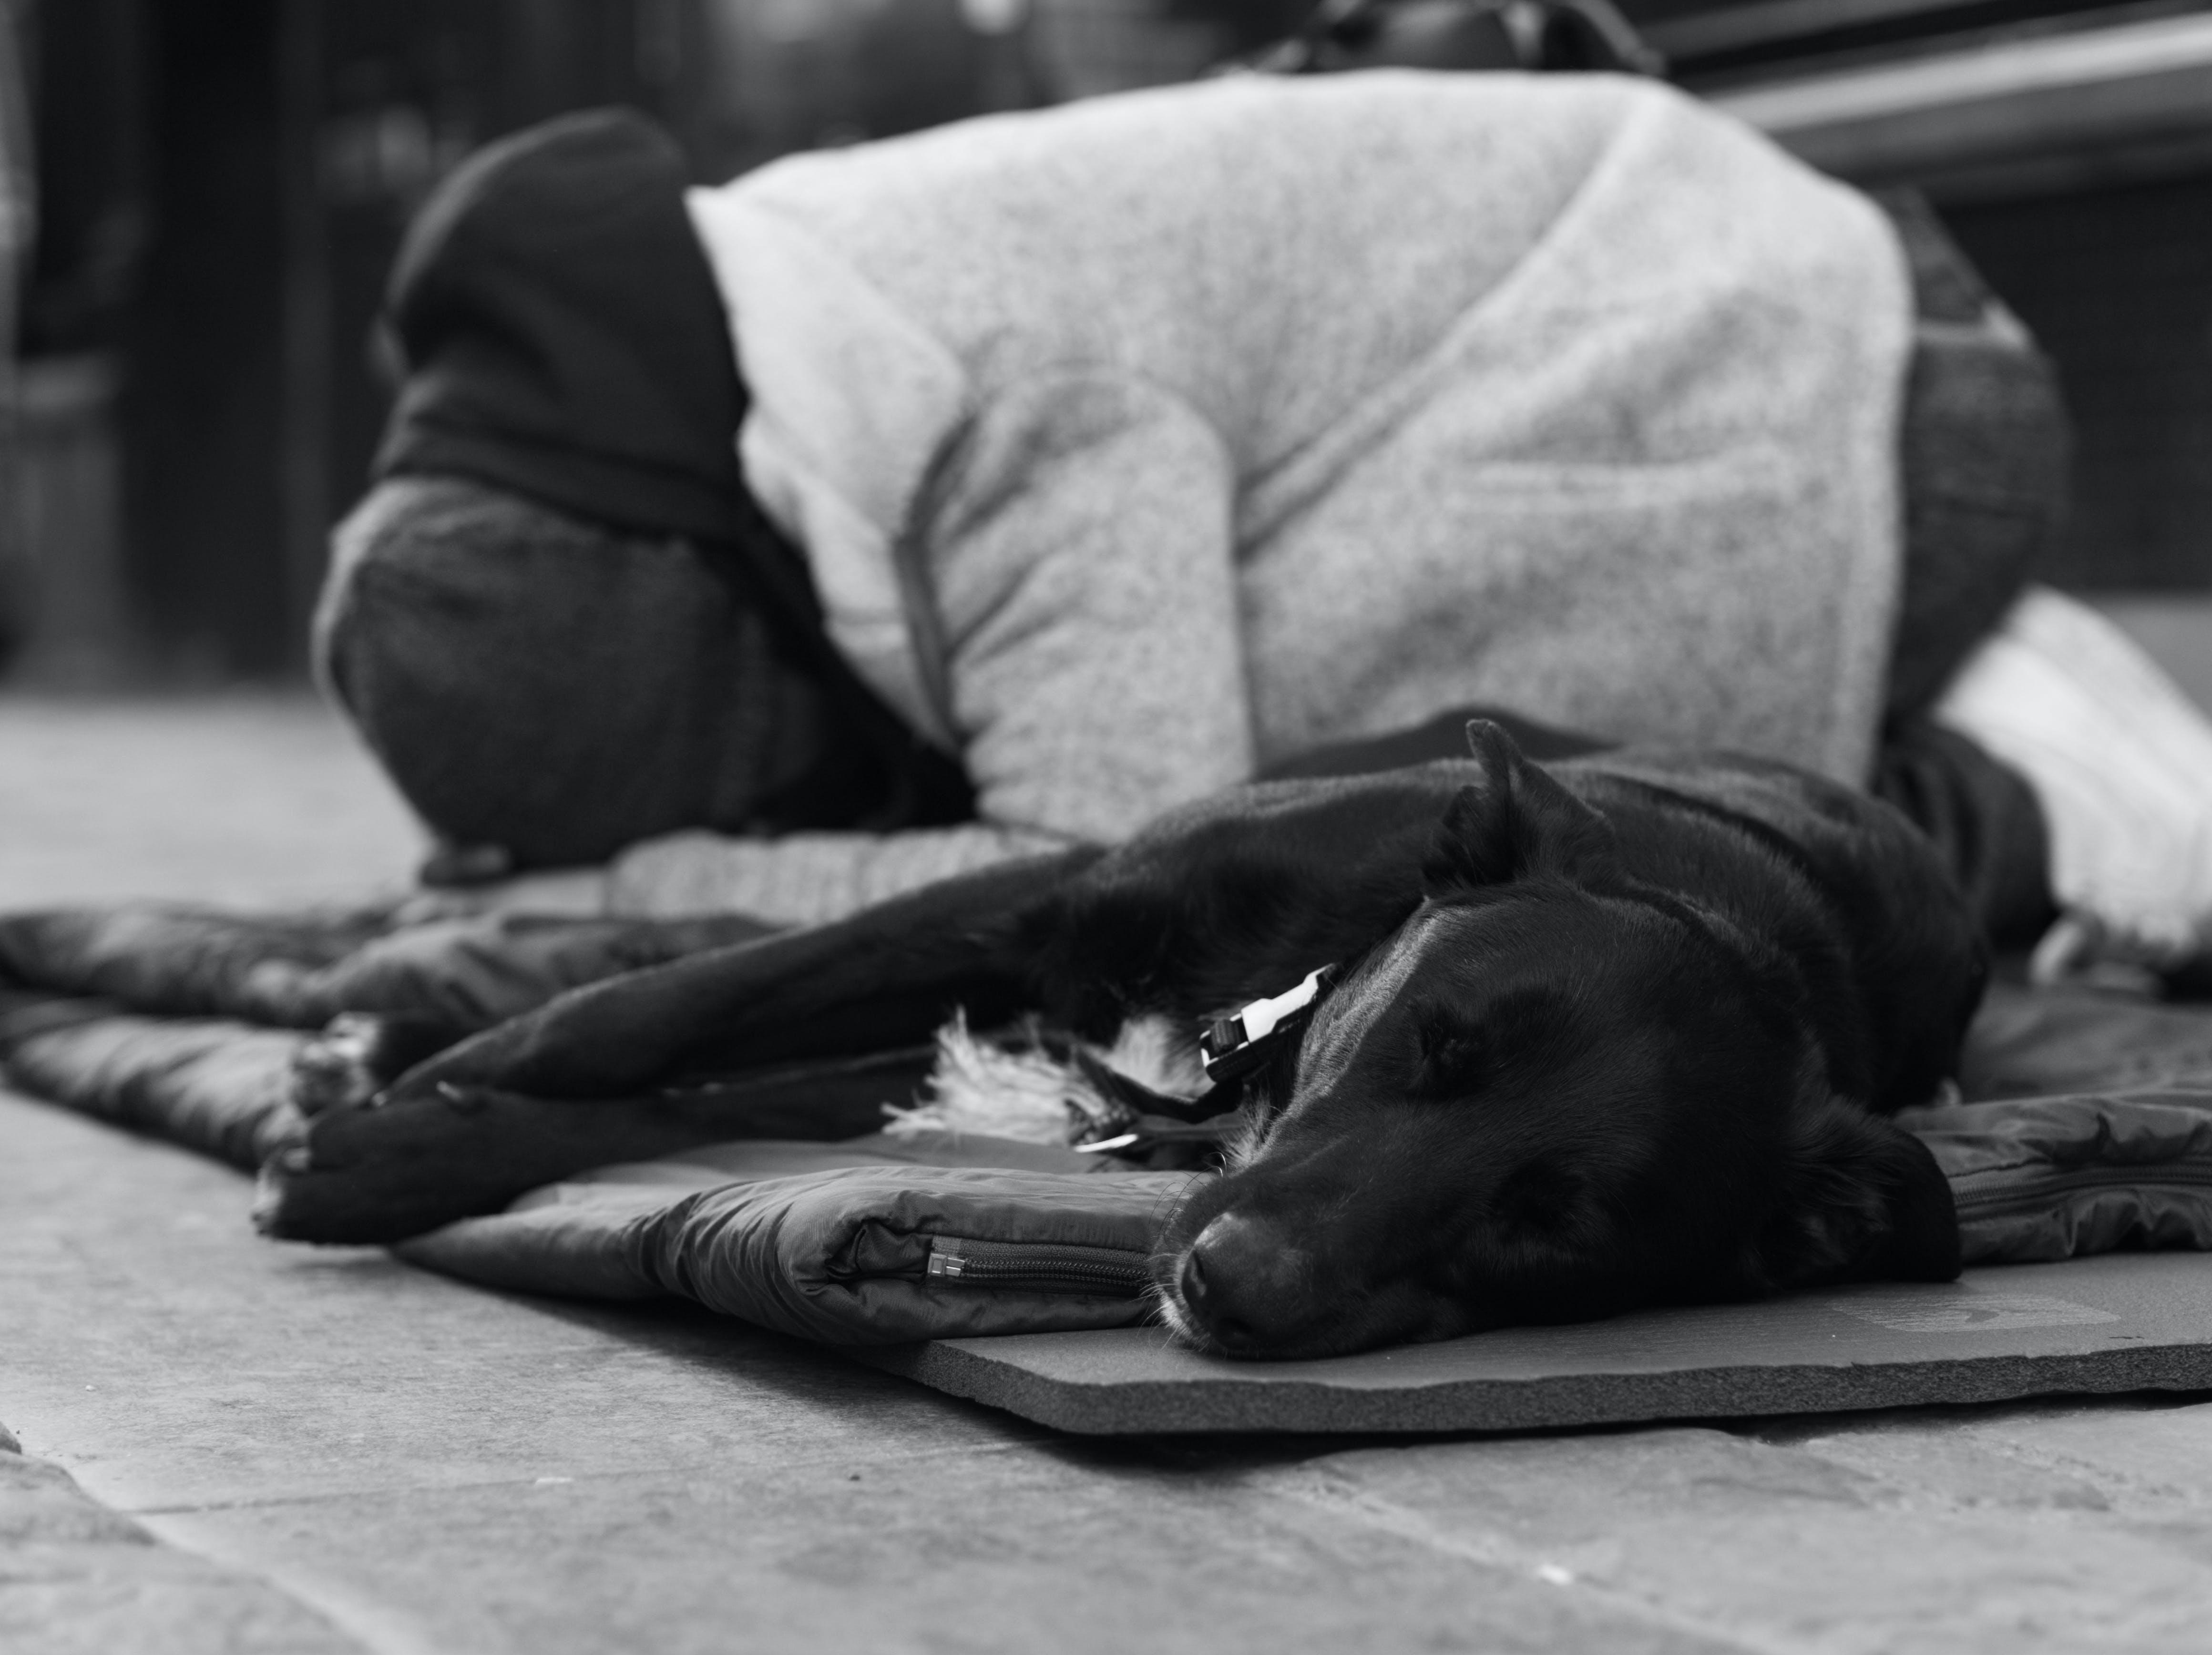 Δωρεάν στοκ φωτογραφιών με ασπρόμαυρο, άστεγος, γυναίκα, δρόμος